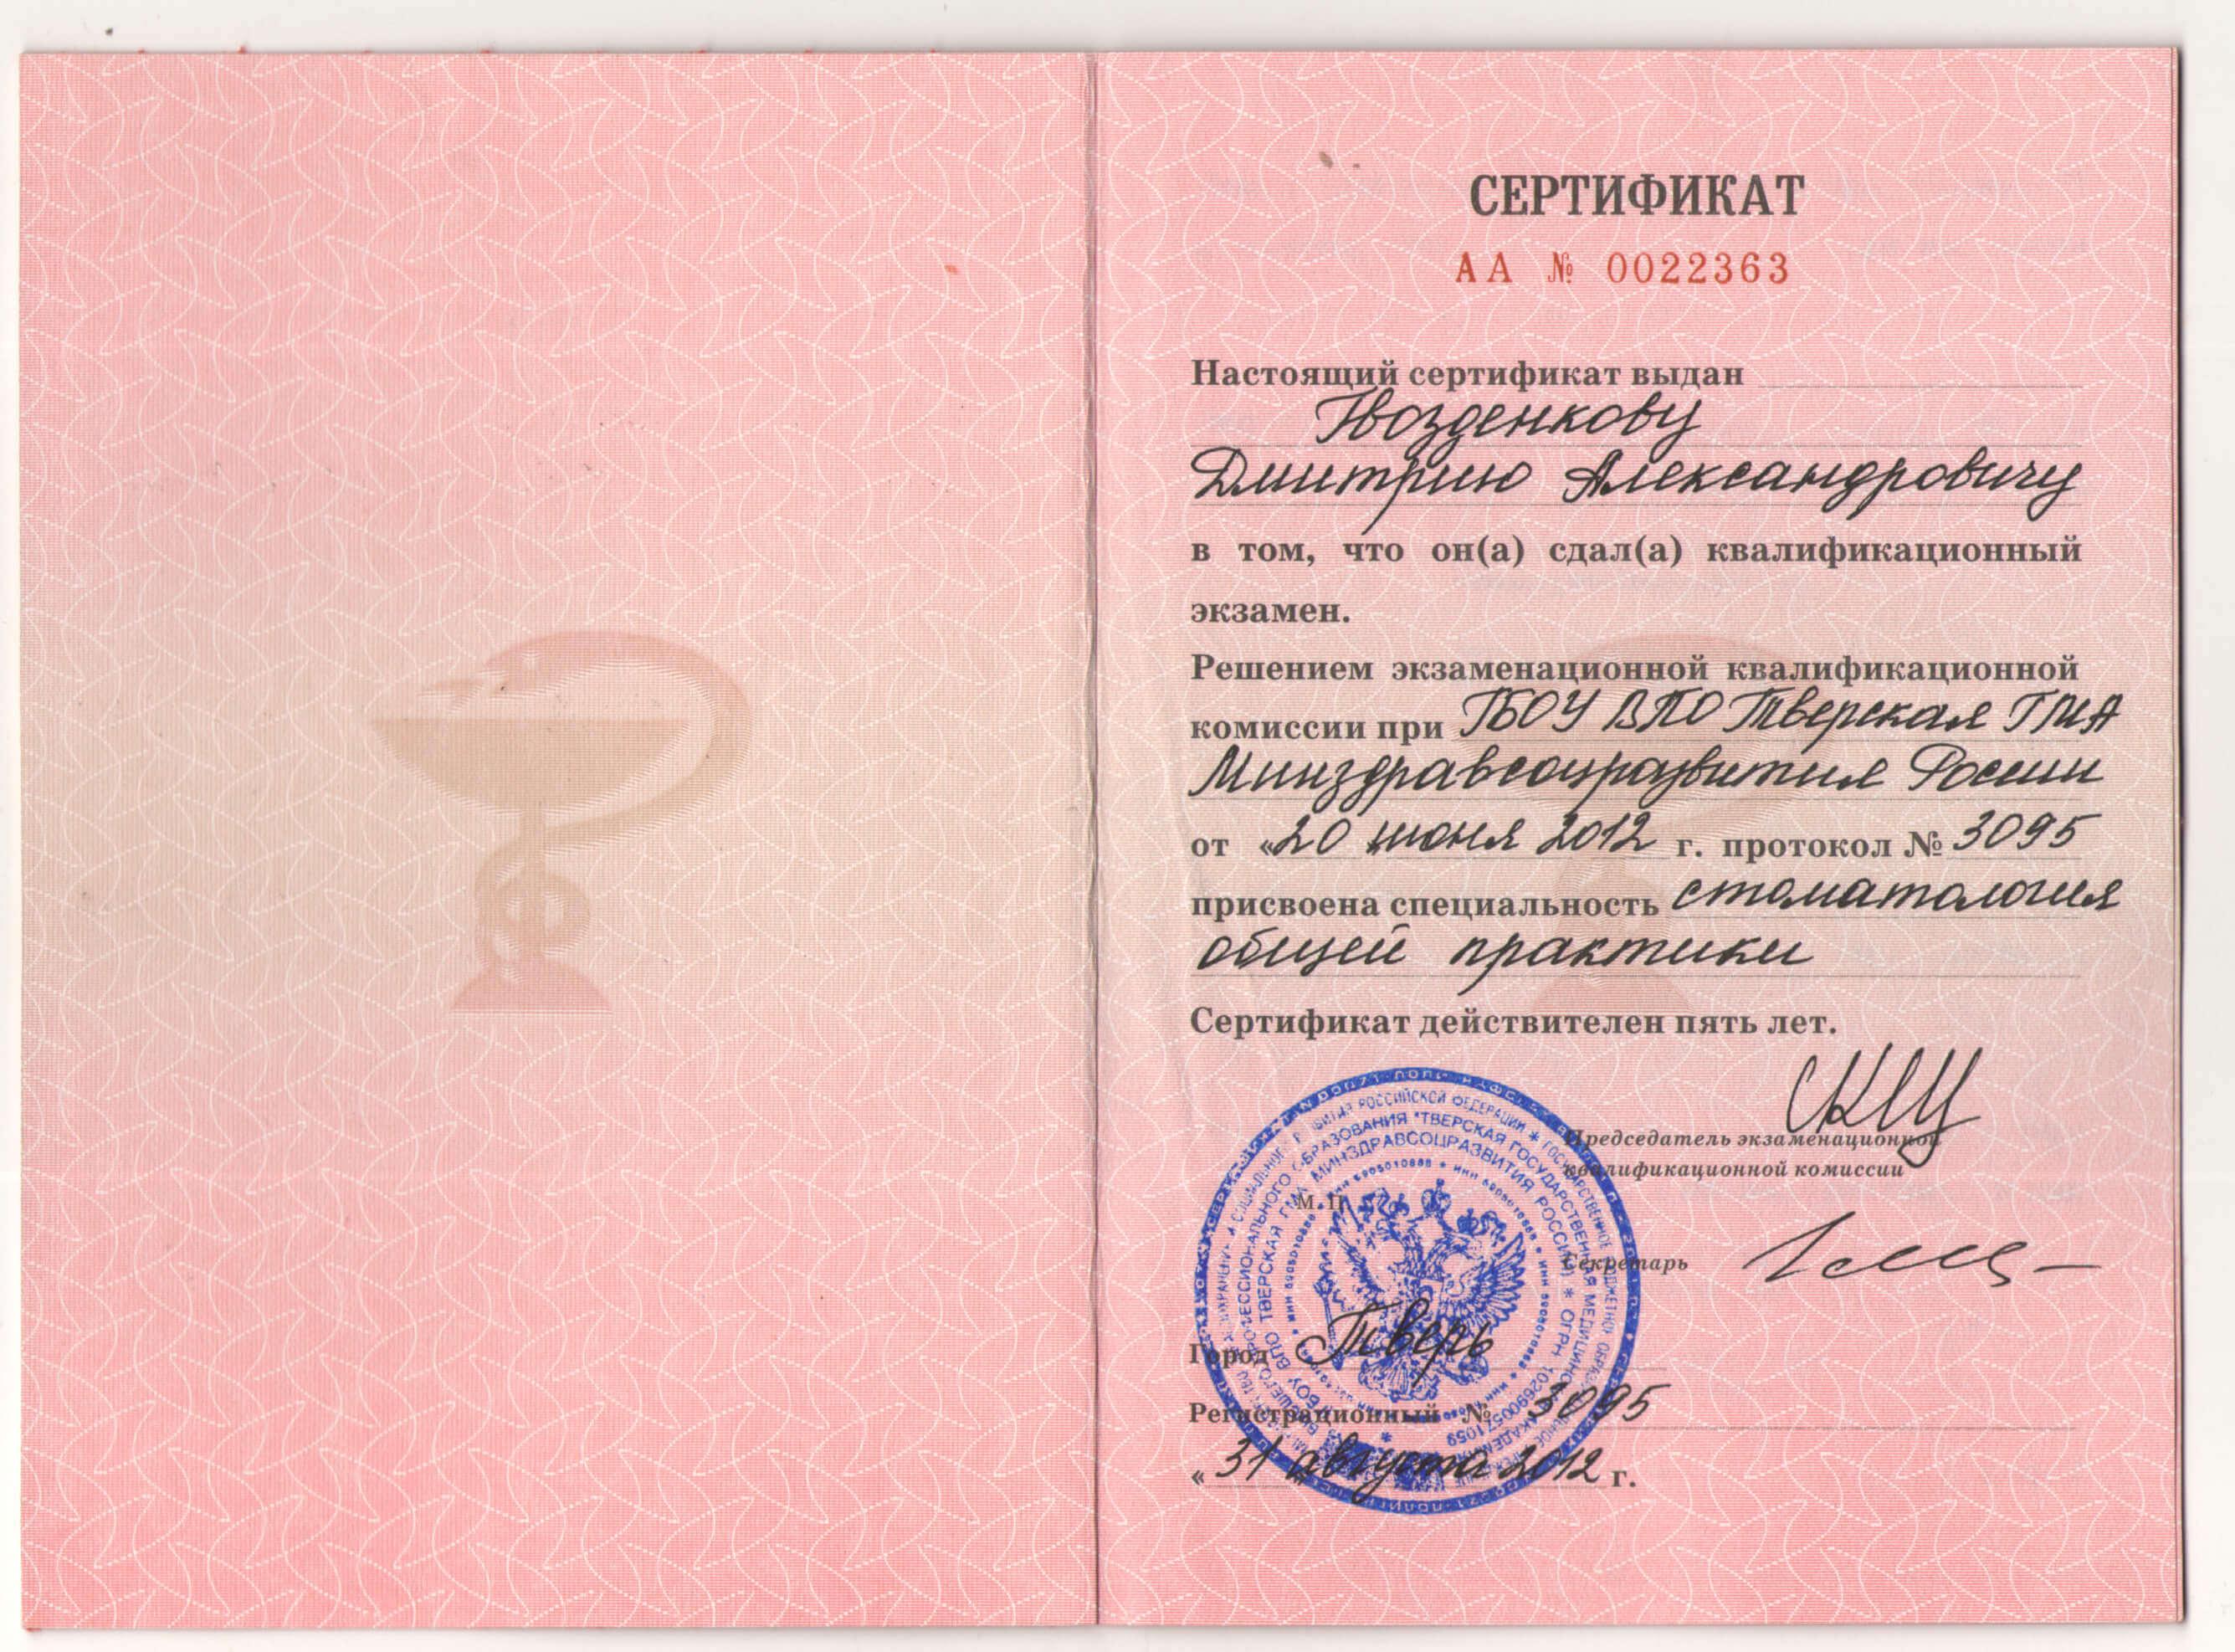 Сертификат интернатура